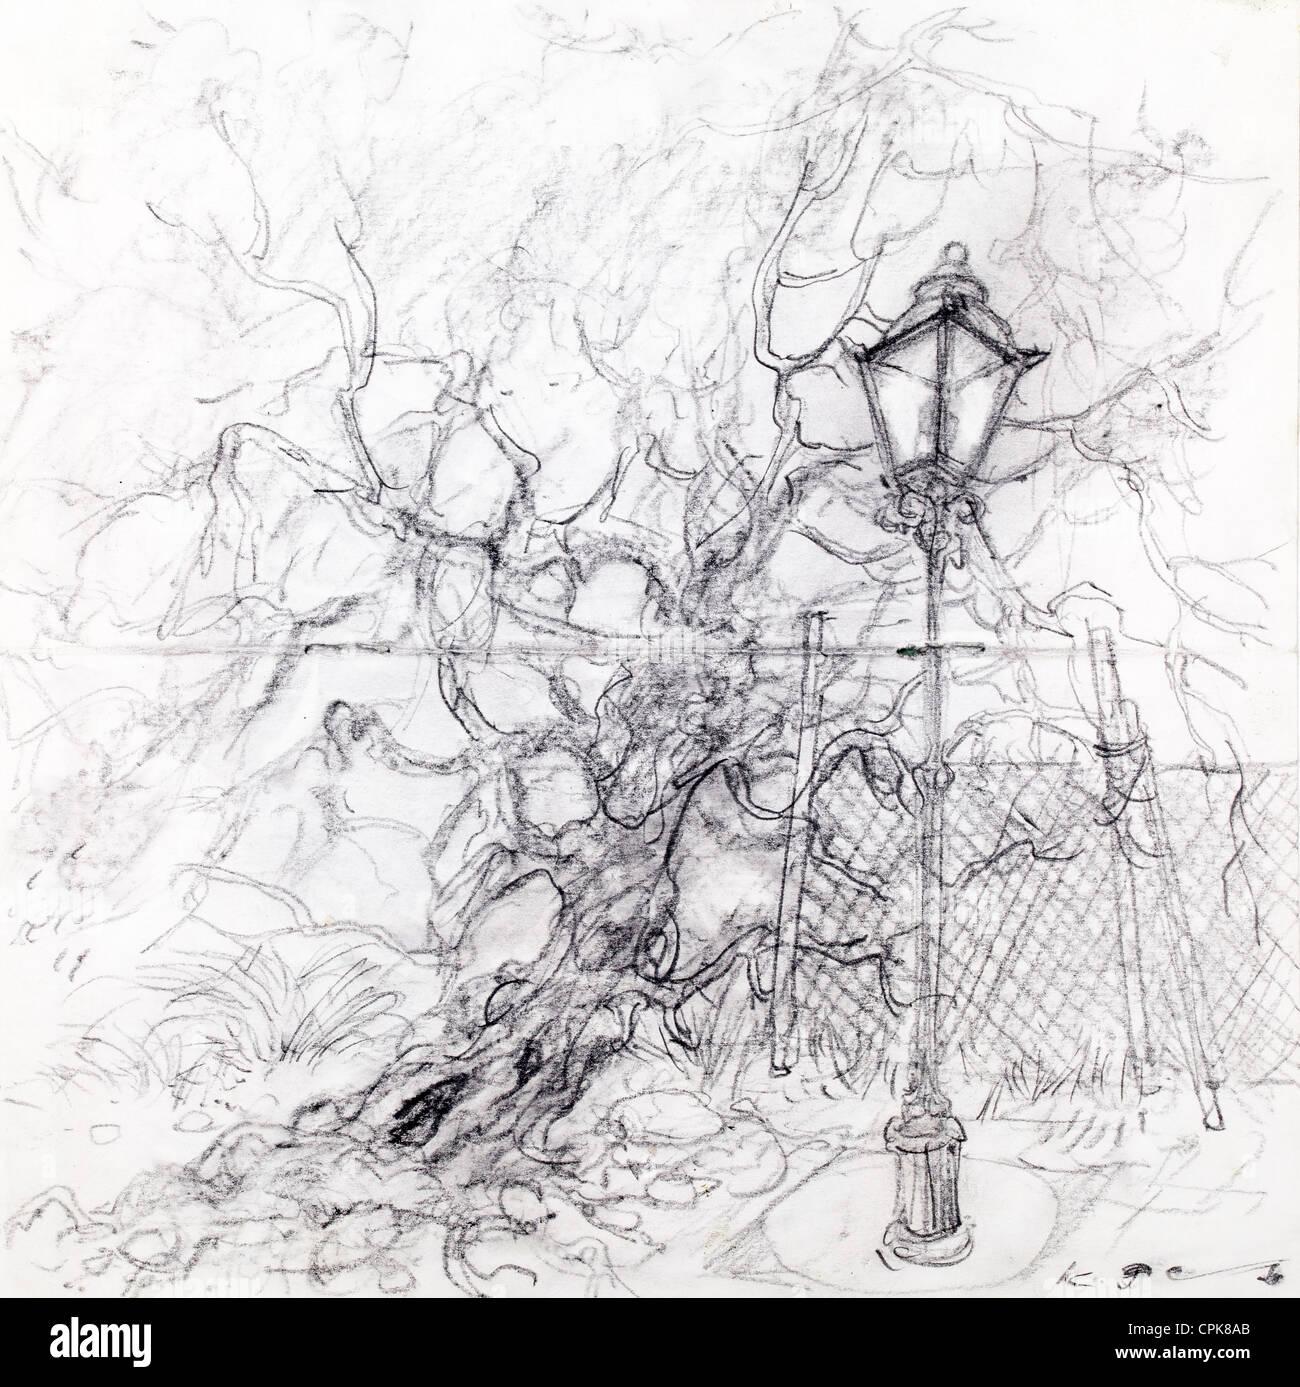 Poste de la luz y el árbol - carboncillo sobre papel por Kurt Tessmann Imagen De Stock